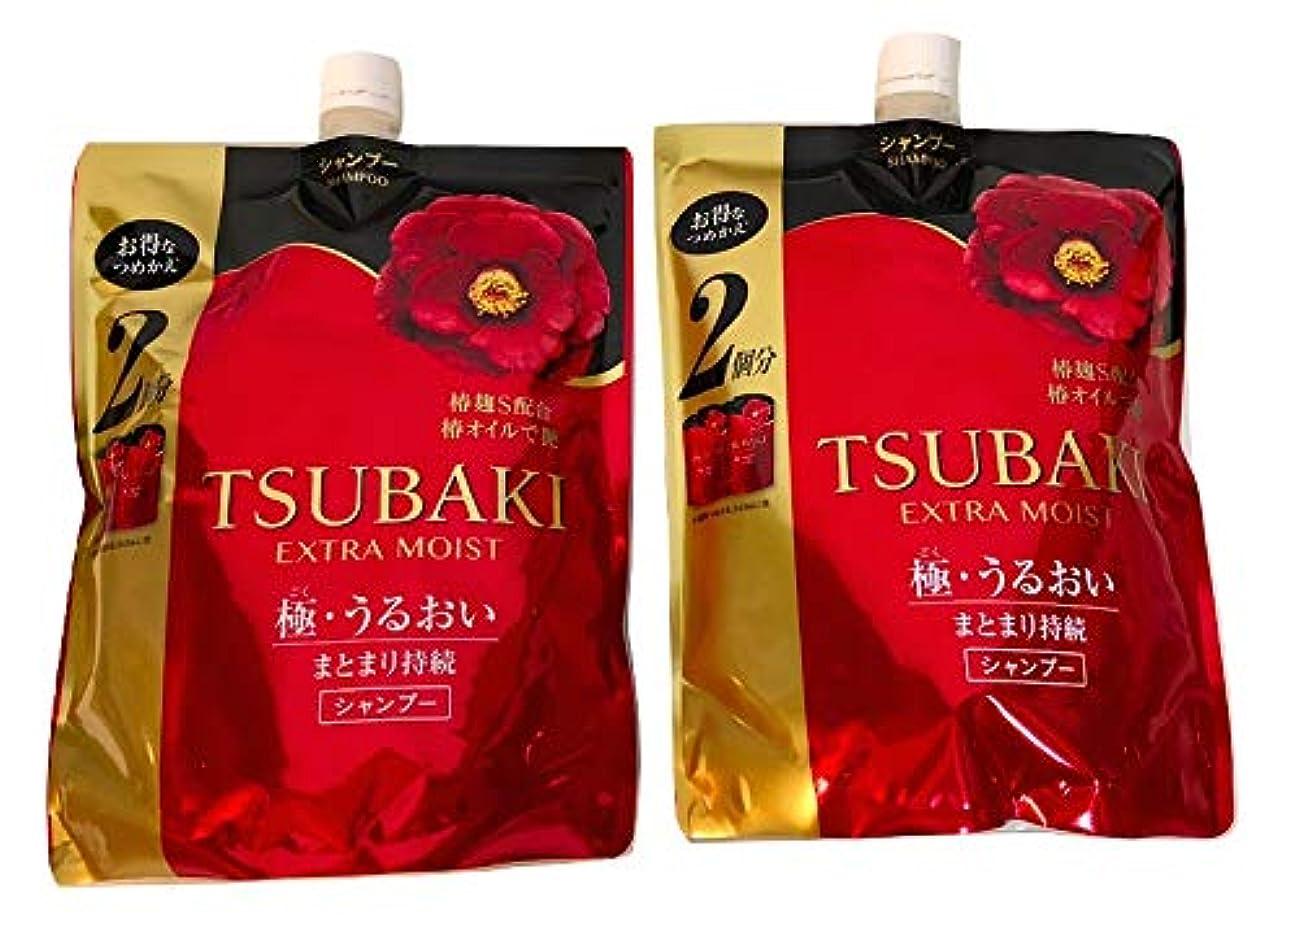 ばかげている再生可能超えて【2個セット】TSUBAKI エクストラモイスト シャンプー 詰め替え用 (パサついて広がる髪用) 2倍大容量 690ml